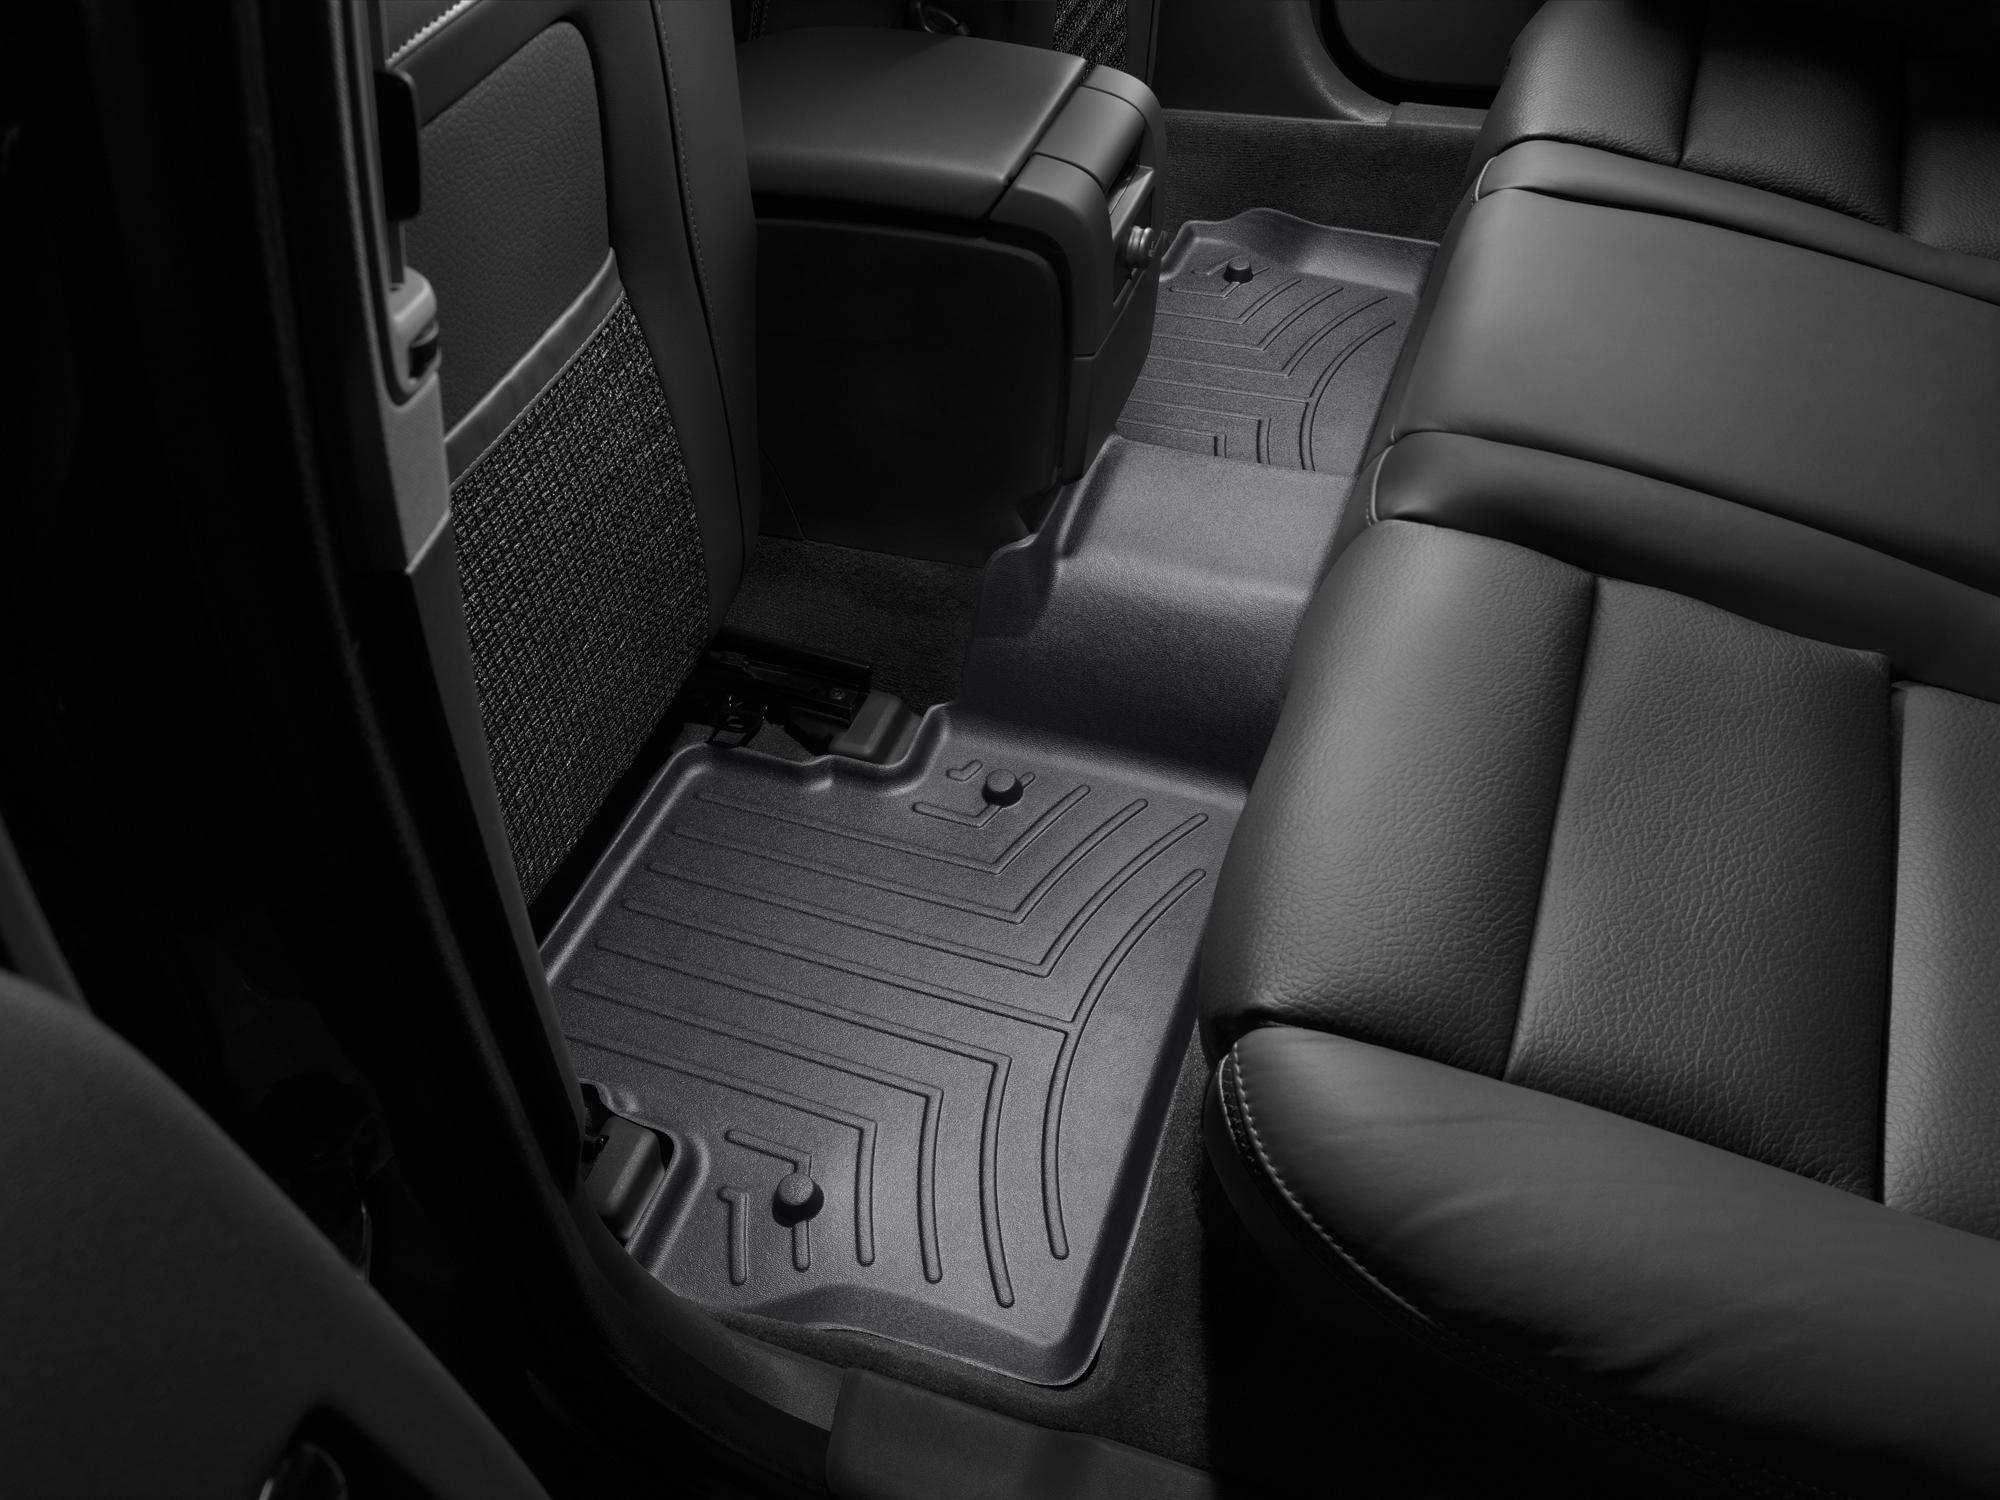 Tappeti gomma su misura bordo alto Volvo XC70 08>17 Nero A4436*